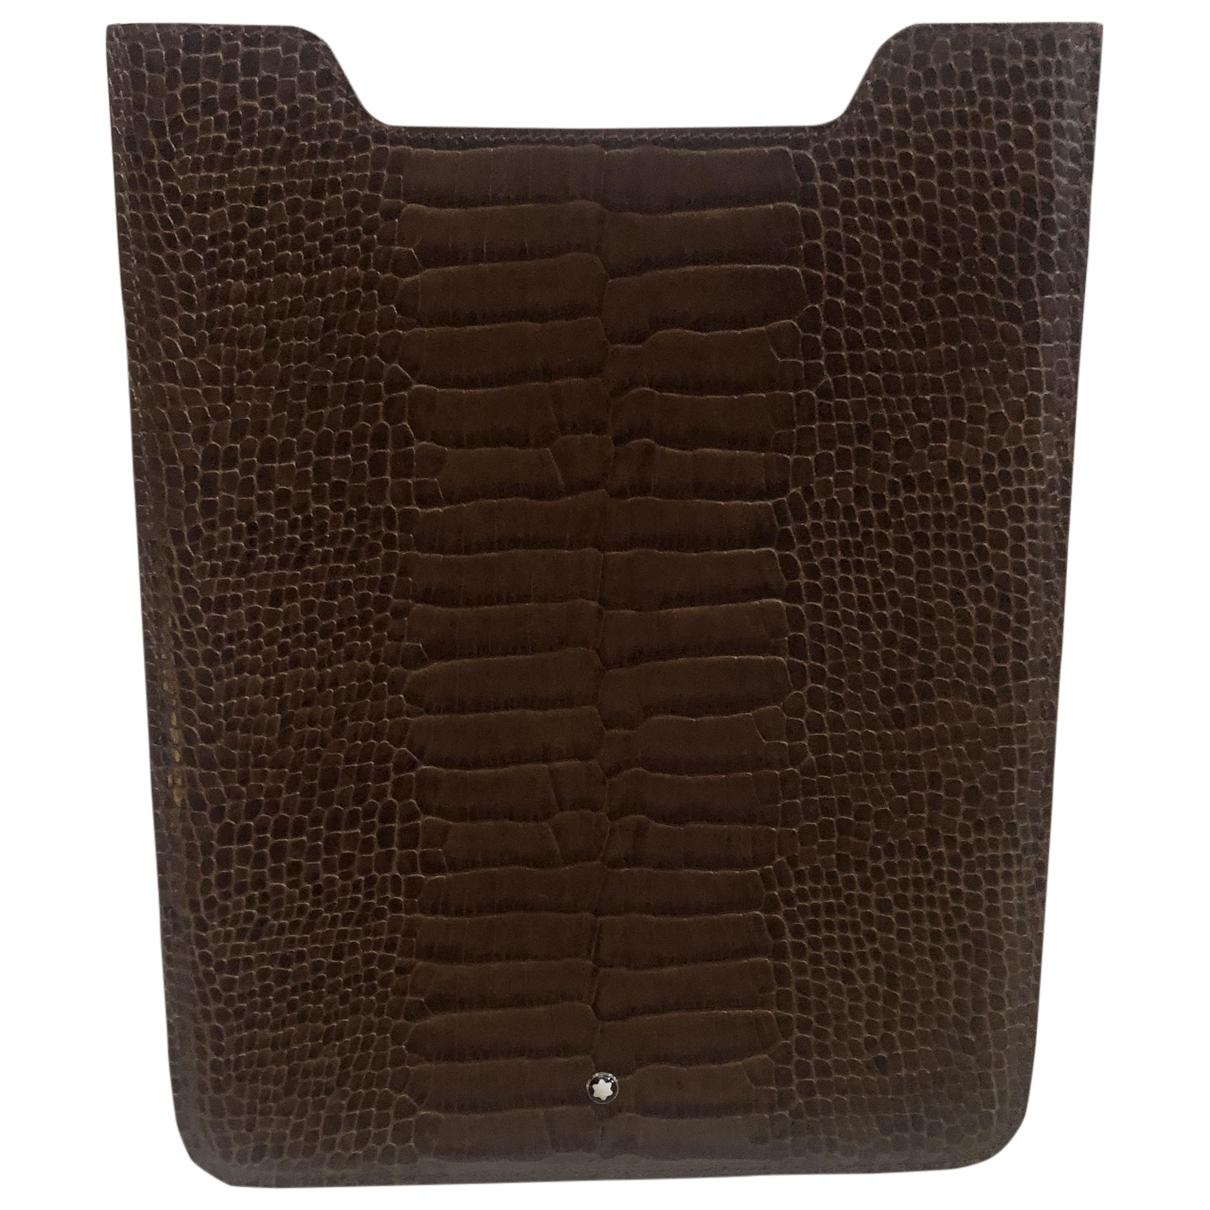 Montblanc - Accessoires   pour lifestyle en cuir verni - marron